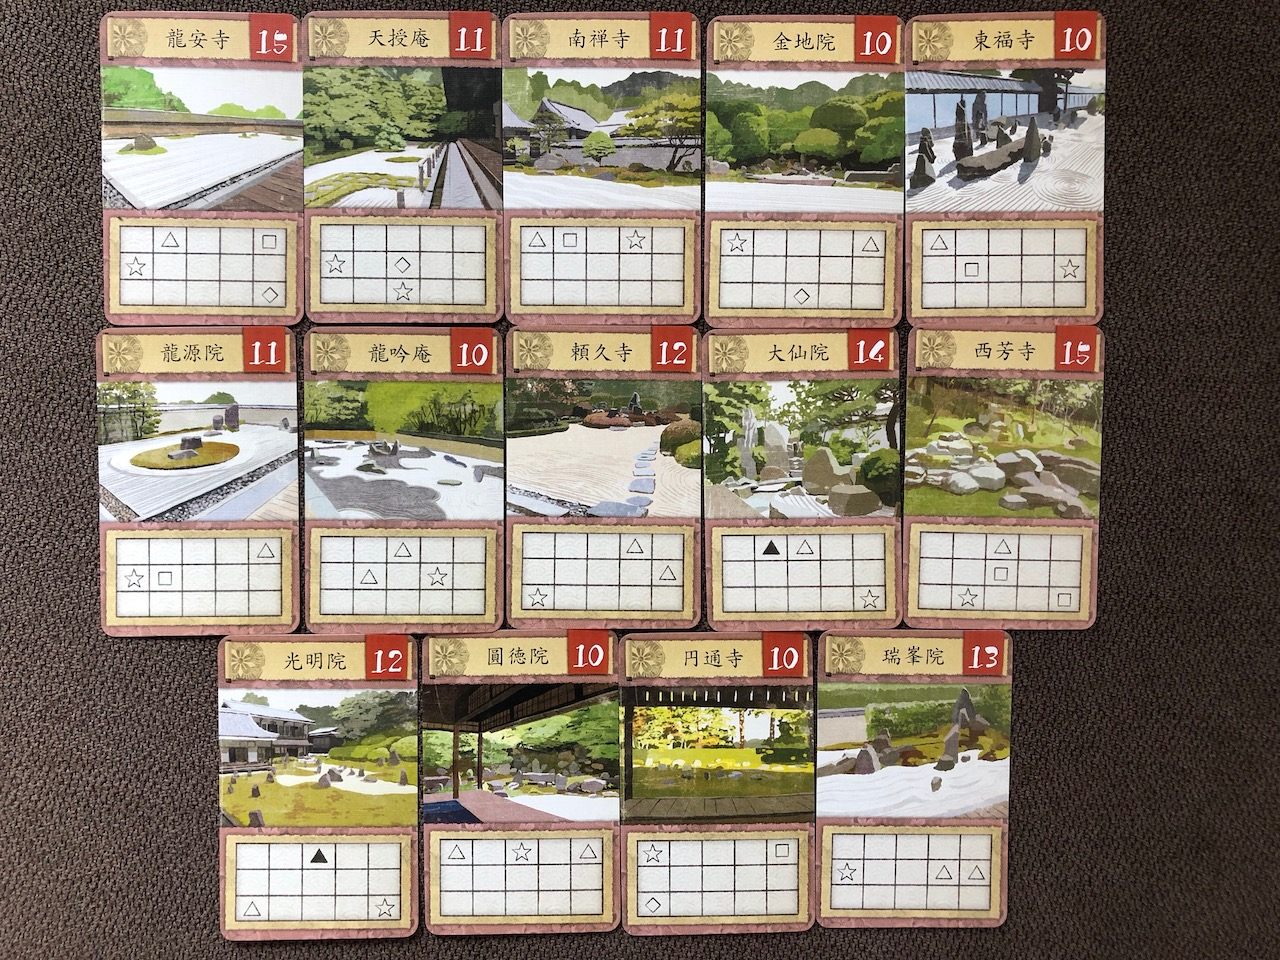 ボードゲーム「枯山水」の名庭園カード